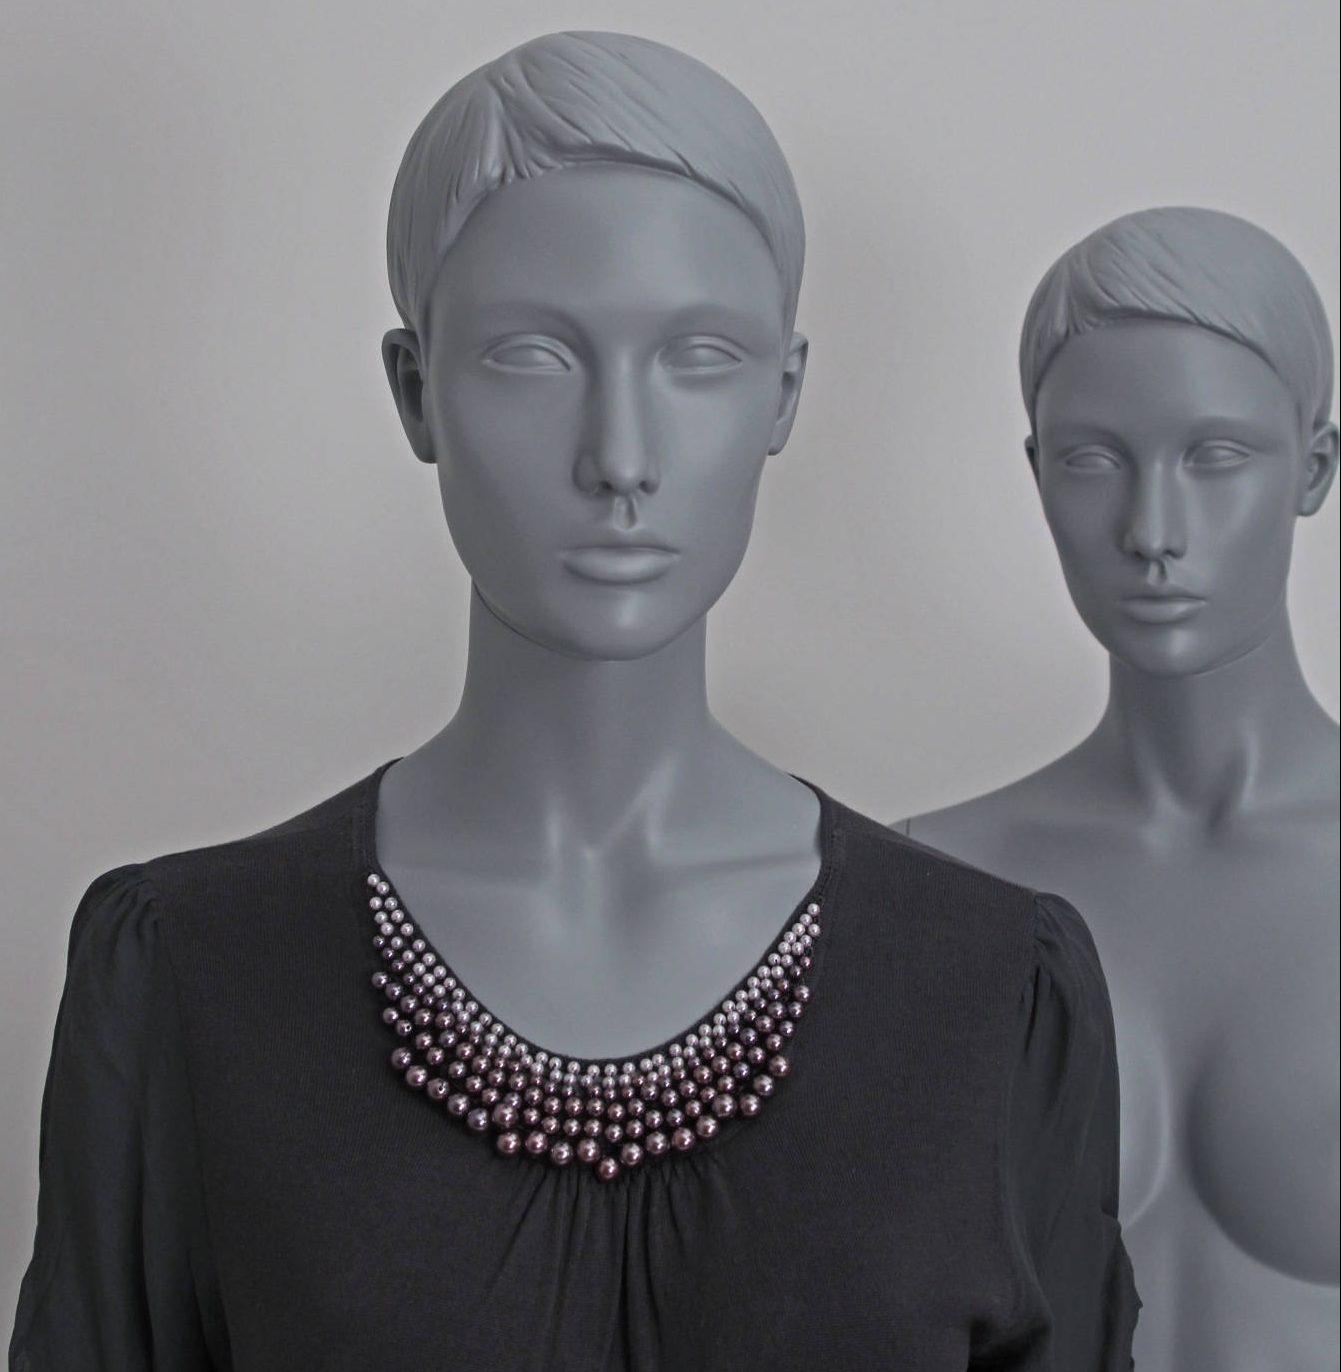 Sascha stilistisk mannequin. Schaufensterfiguren im grau. Schaufensterpuppen